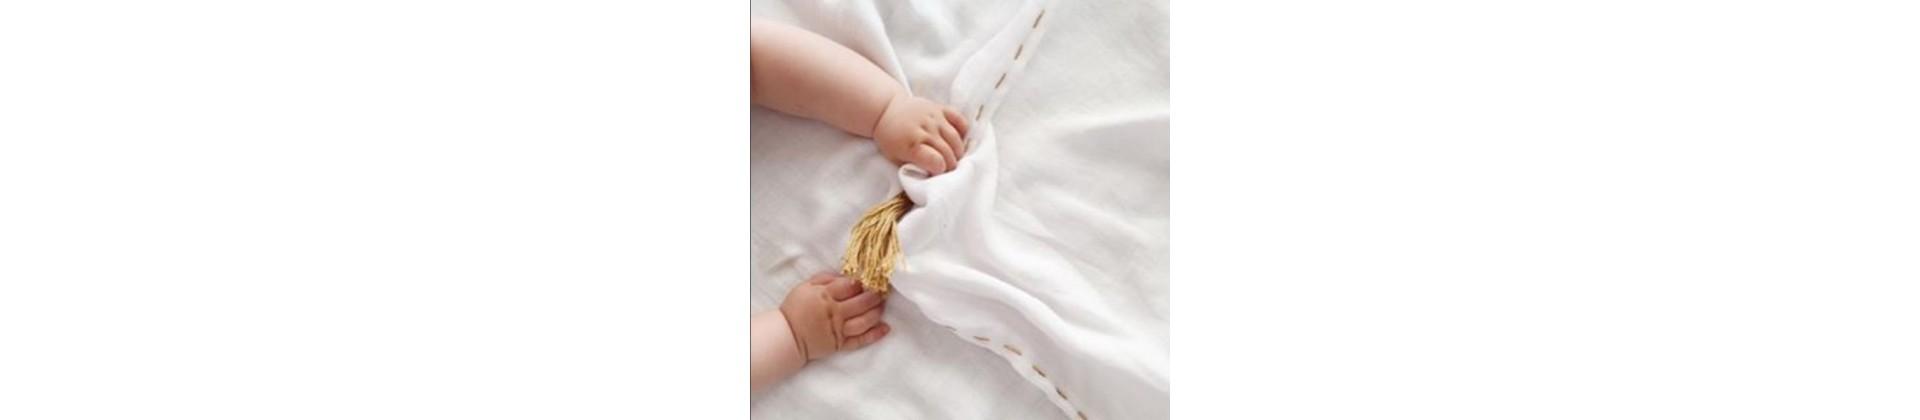 Baby blankets - toddler blanket & newborn blankets